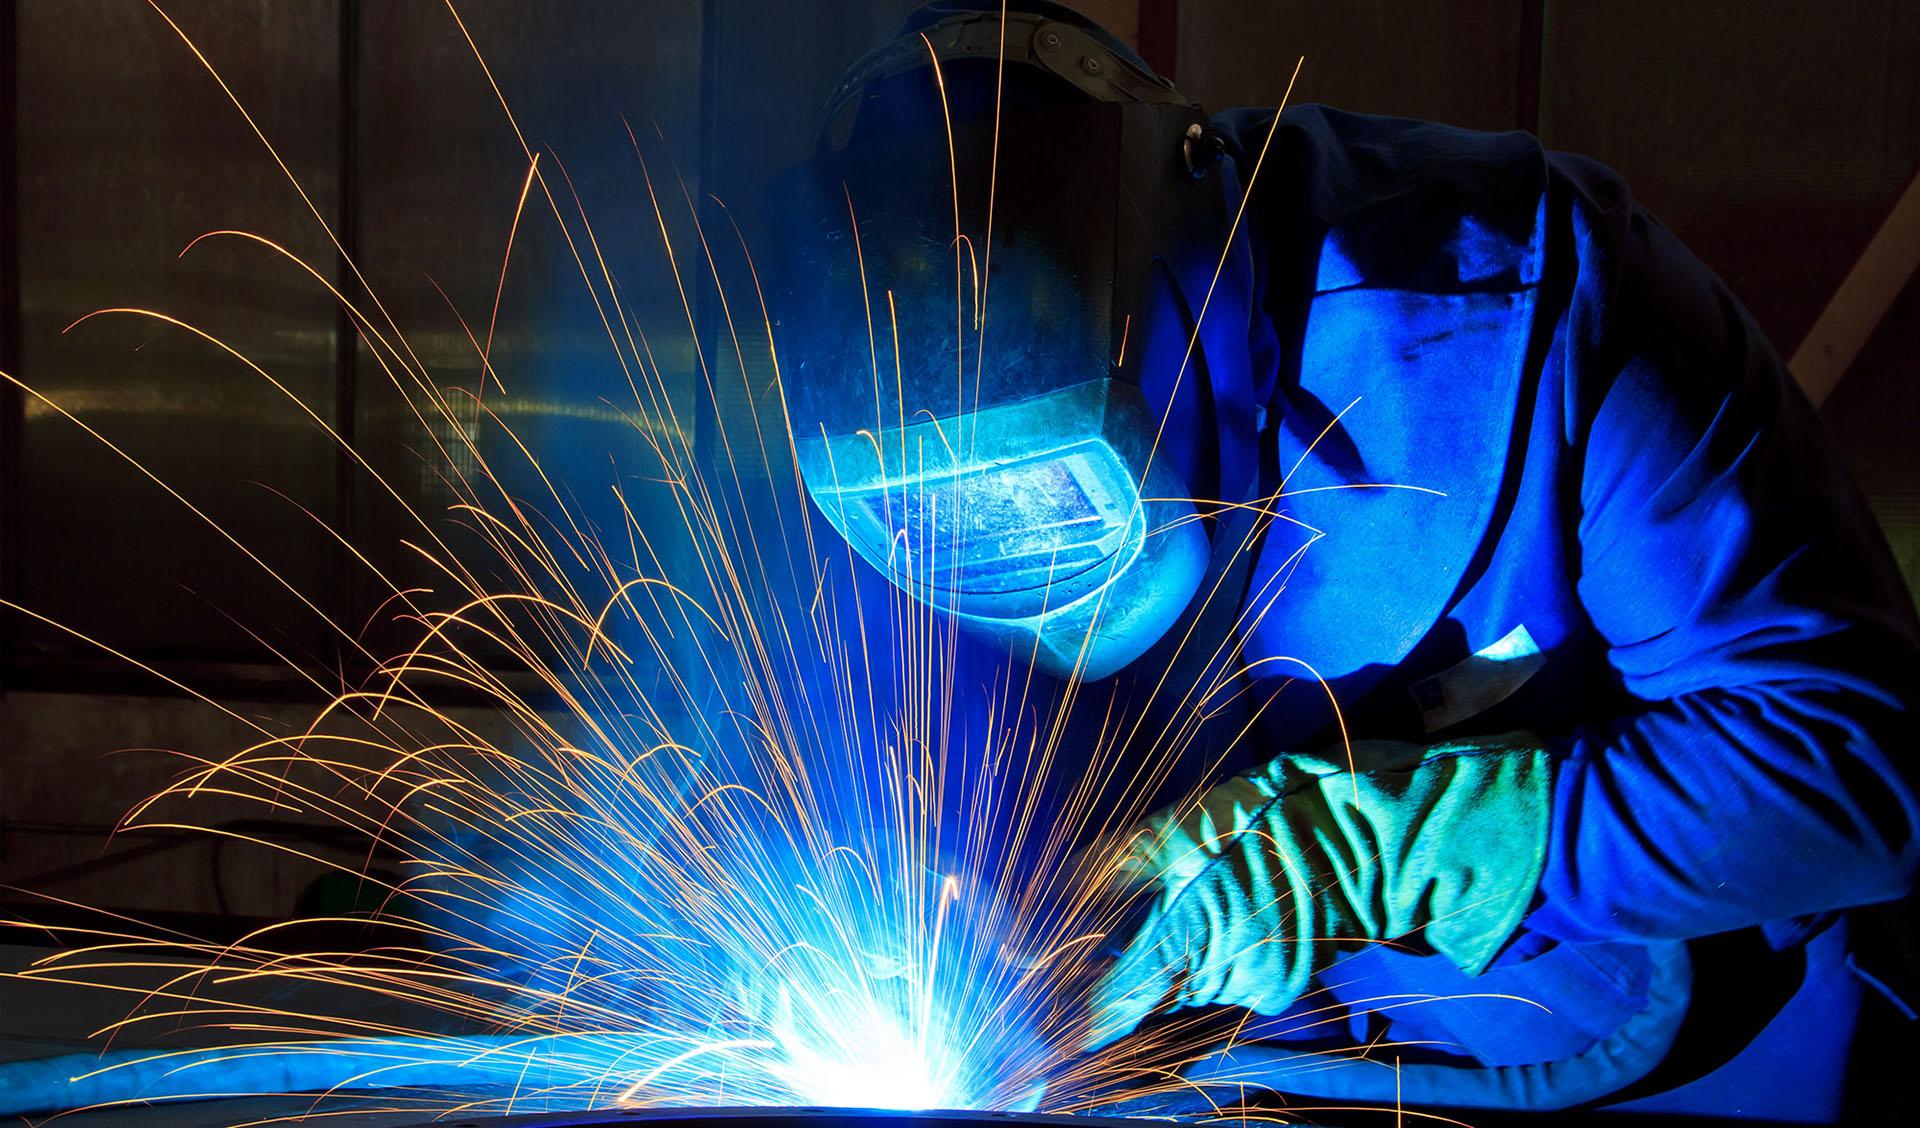 industrial contract welding, contract welding, coleman tool